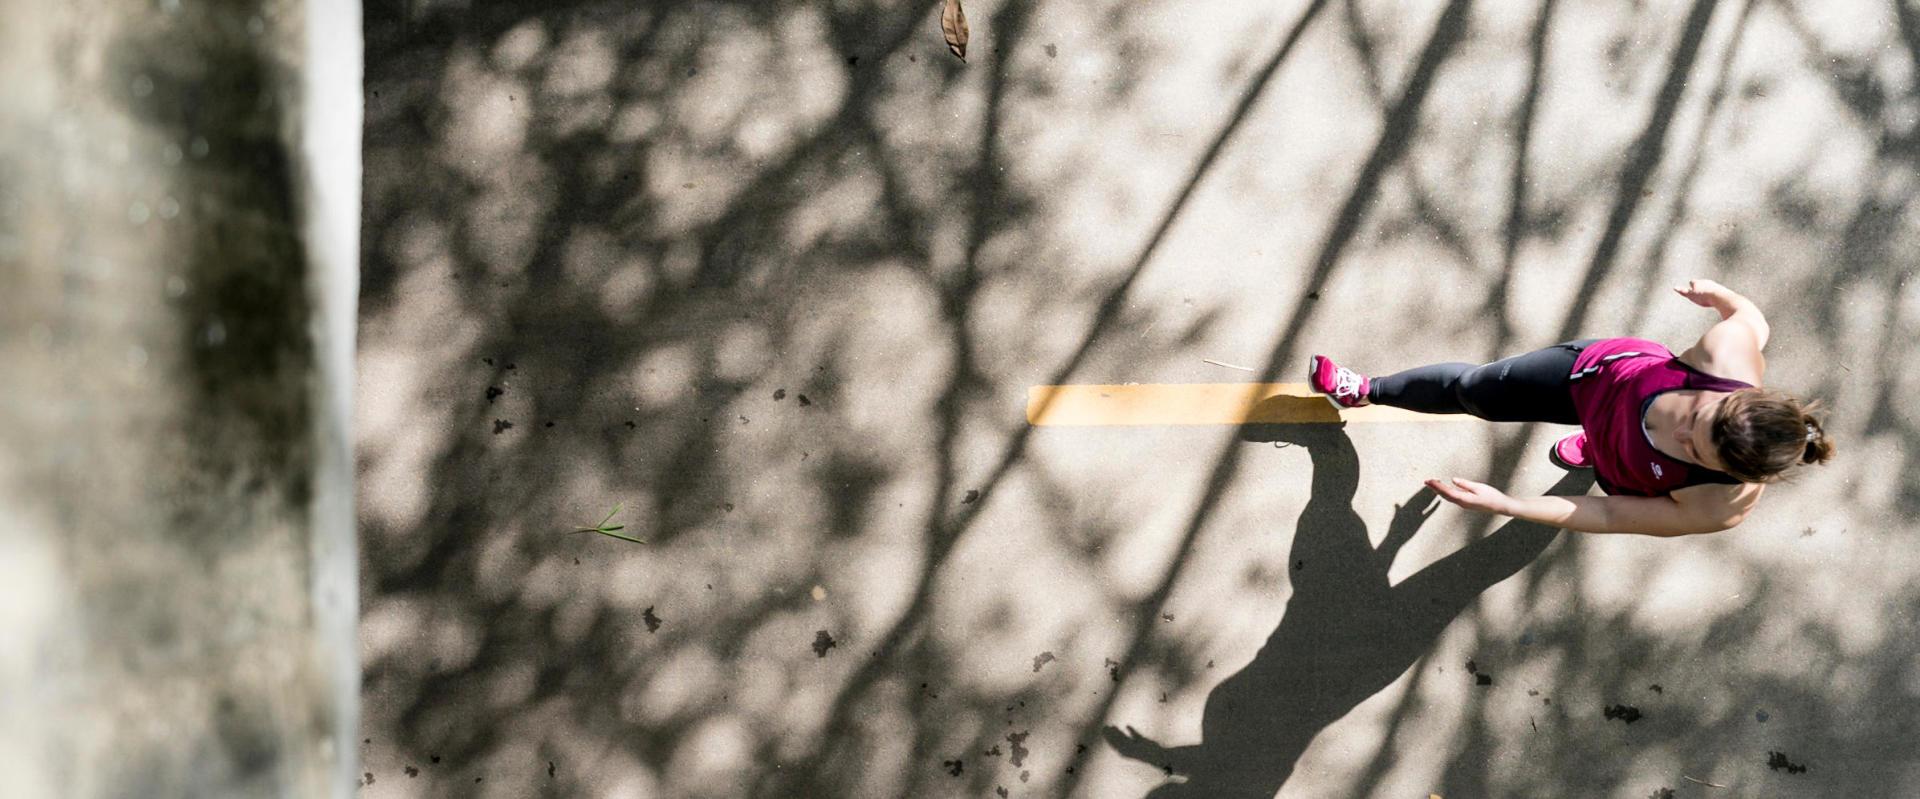 5-raisons-pratiquer-marche-sportive